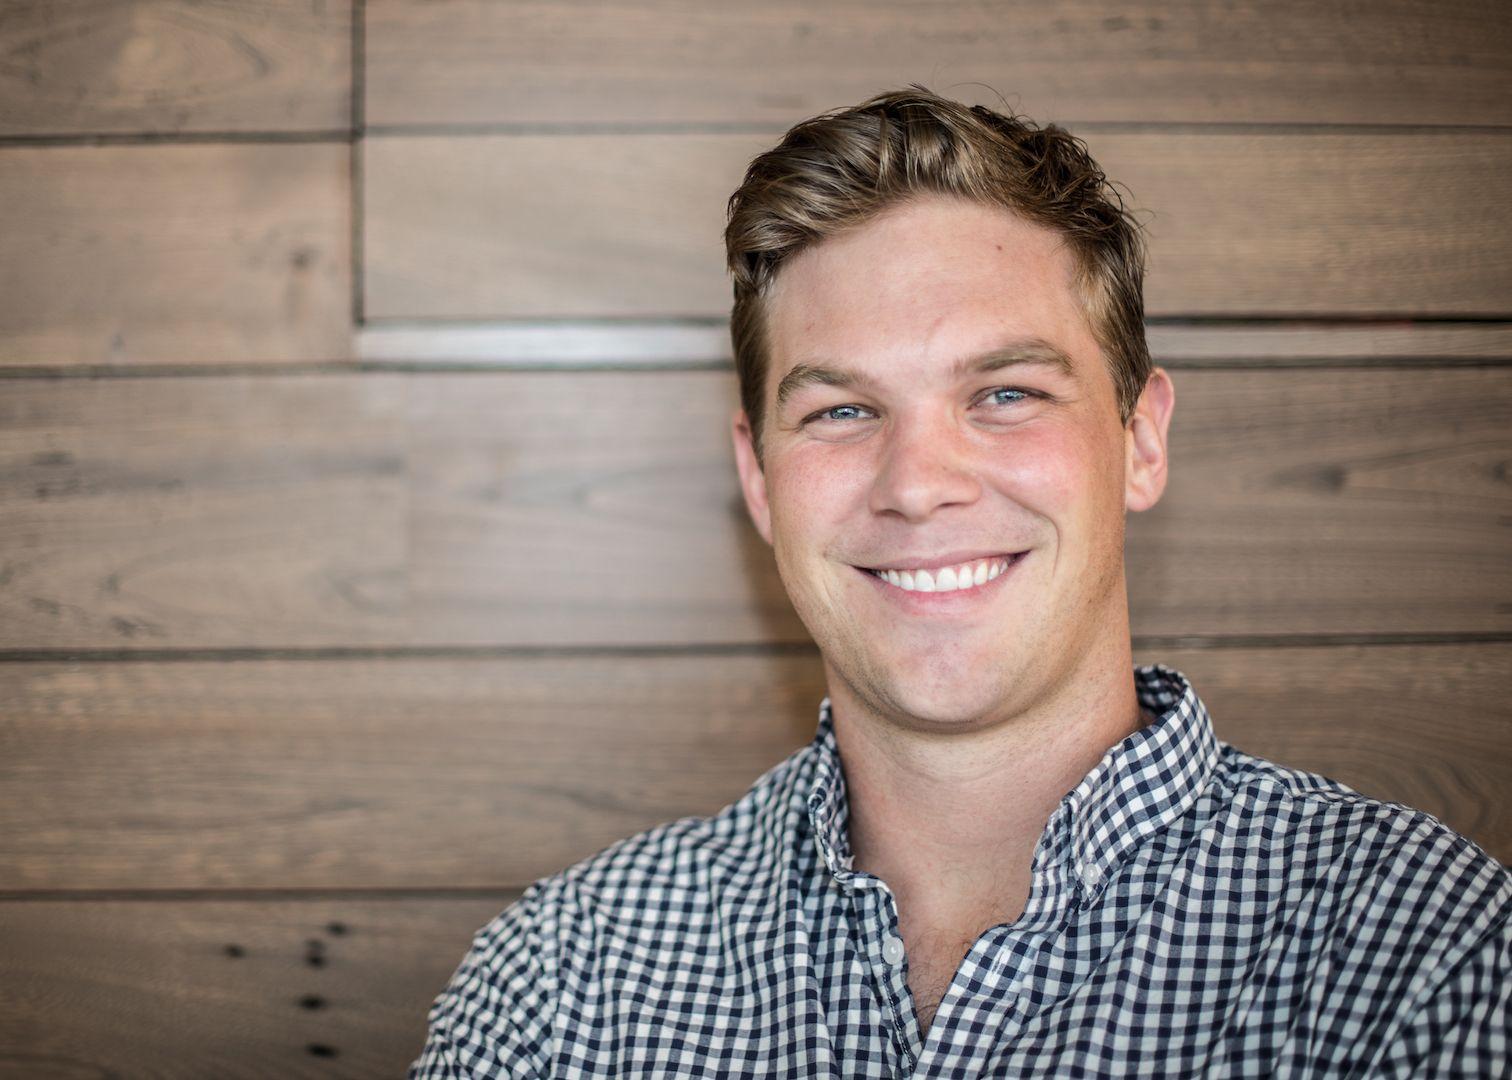 Michael Anderson's profile image